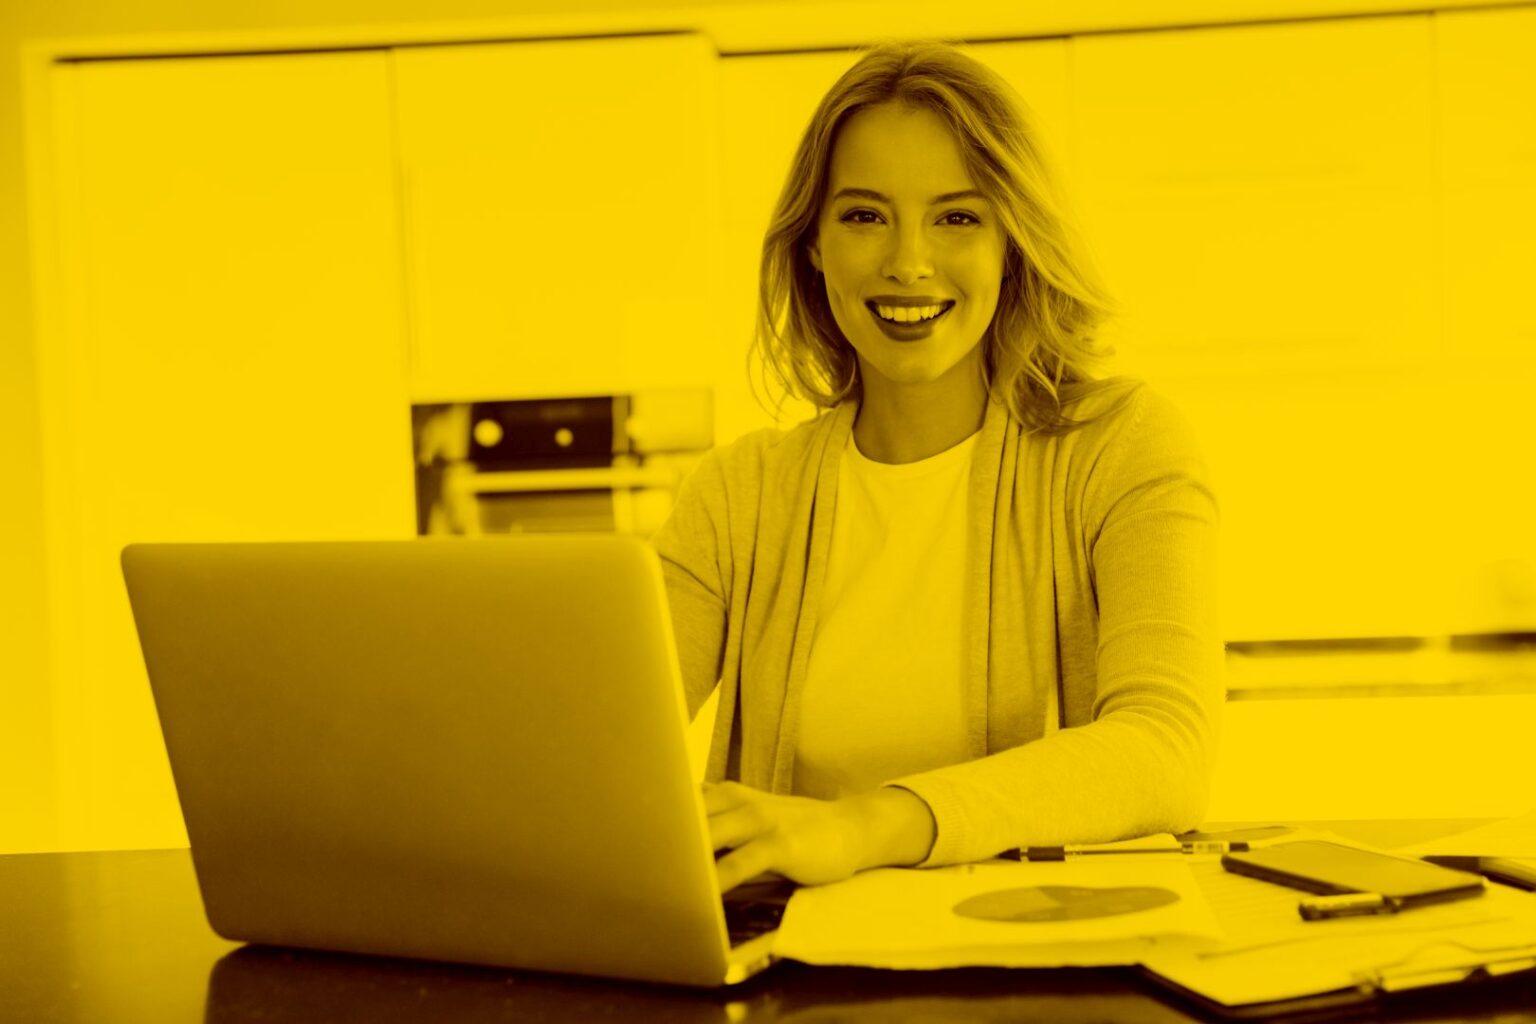 Geschäftsfrau arbeitet mit der maja.cloud sicher über ihr Laptop